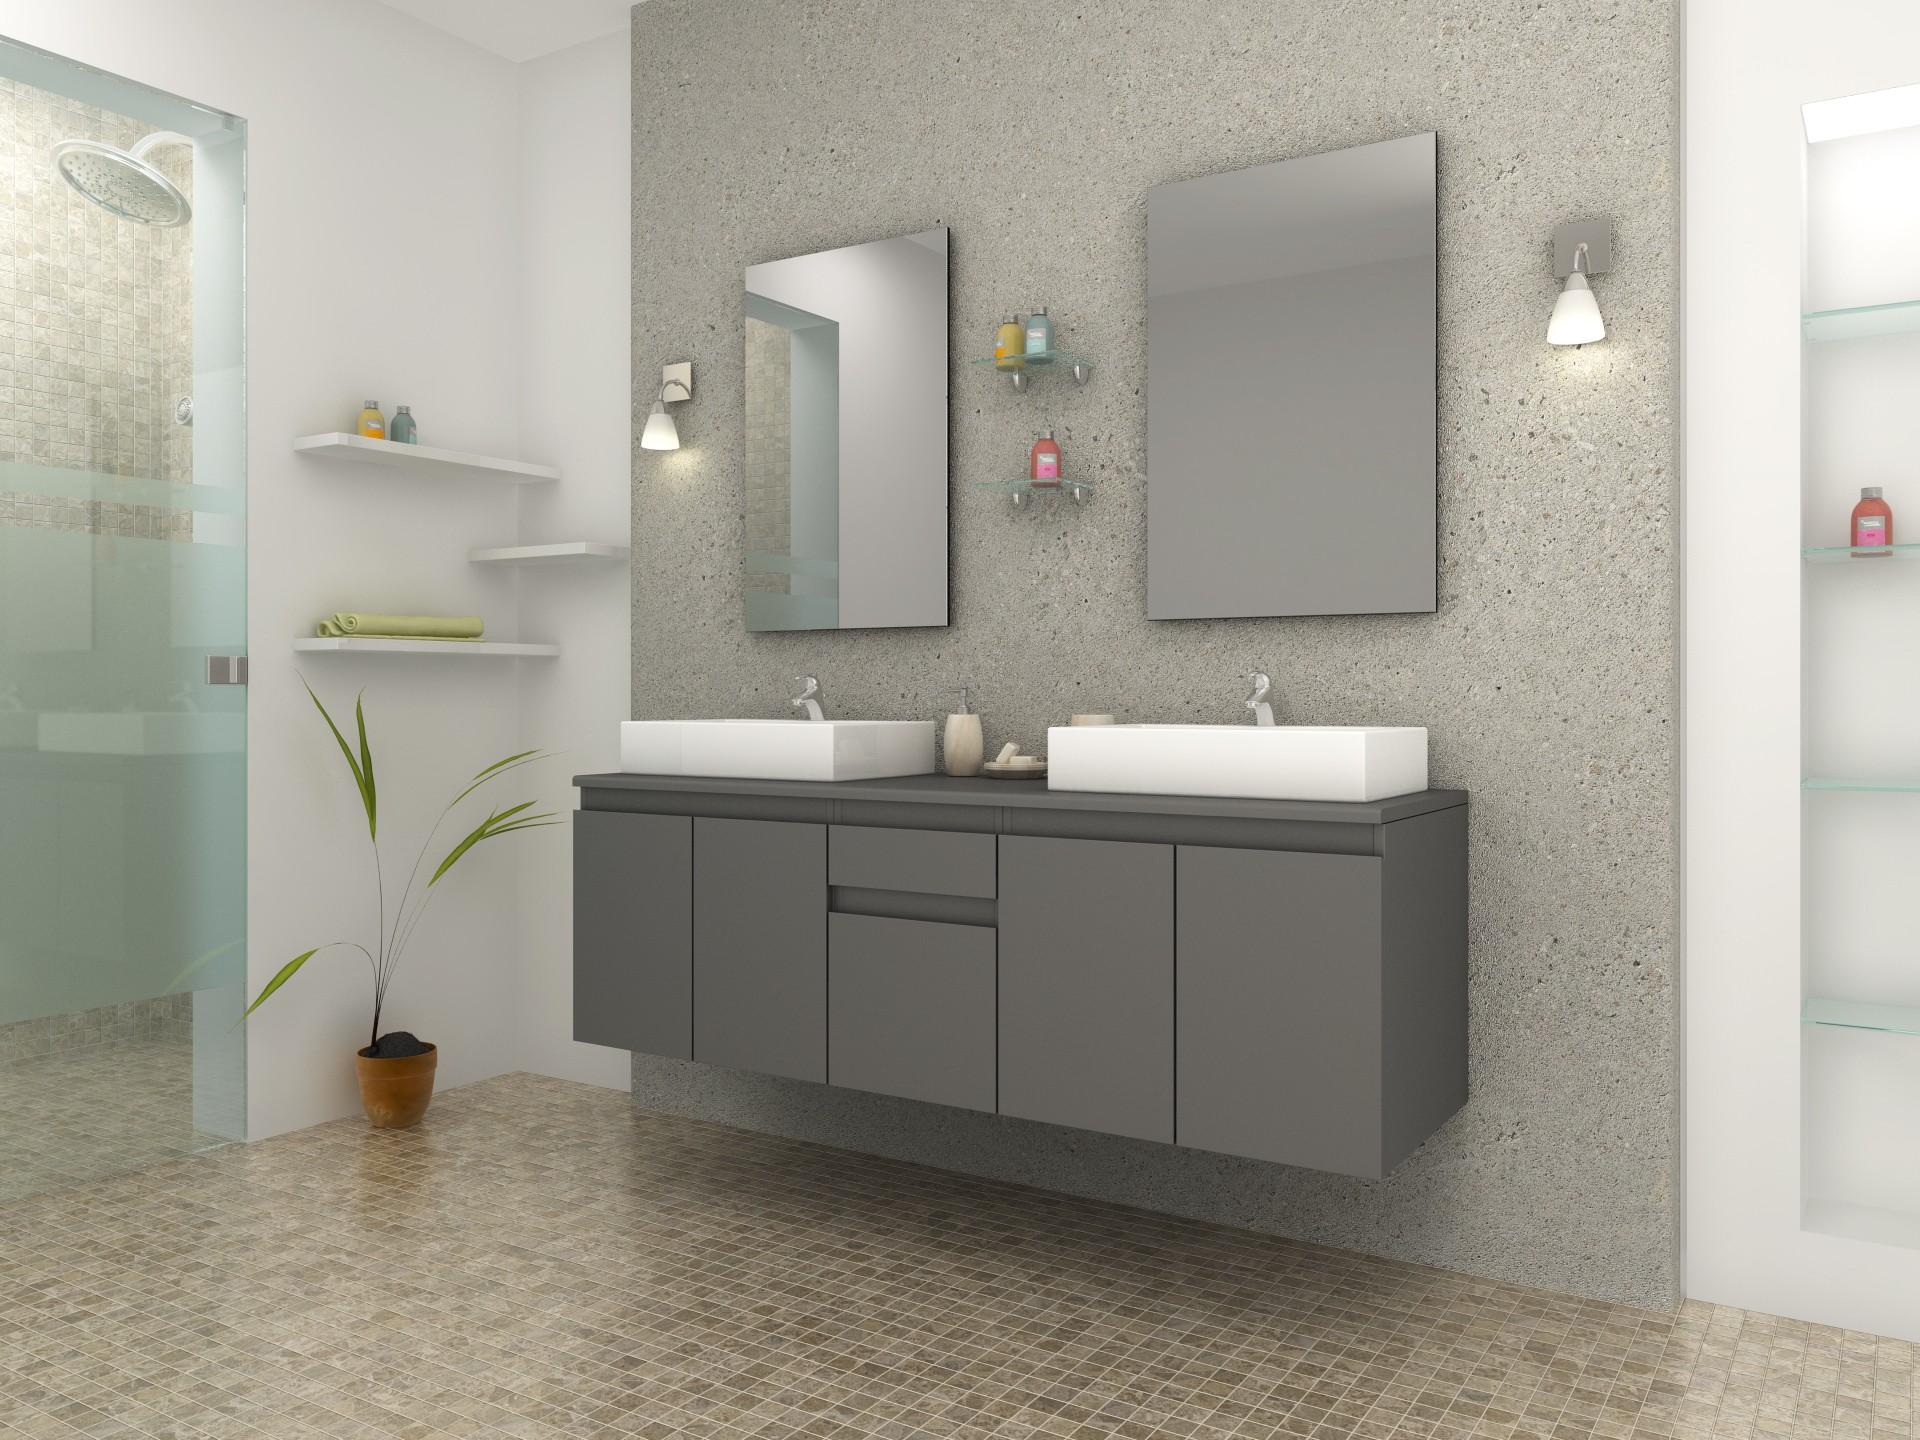 Best ensemble salle de bain pas cher photos lalawgroup - Placard salle de bain pas cher ...